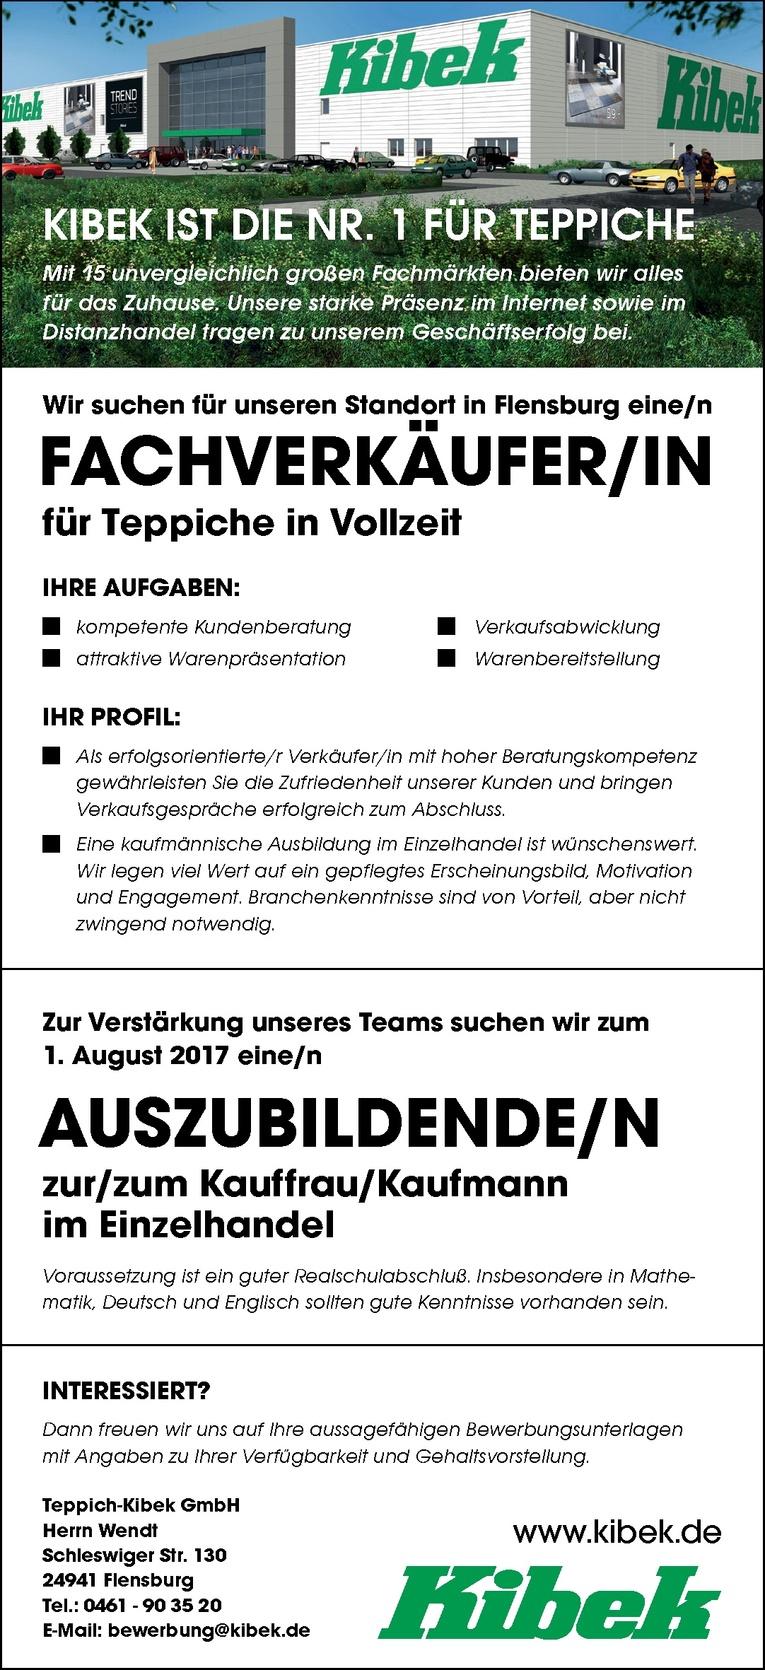 Nett Teppich Kibek Senden Offnungszeiten Galerie - Innenarchitektur ...